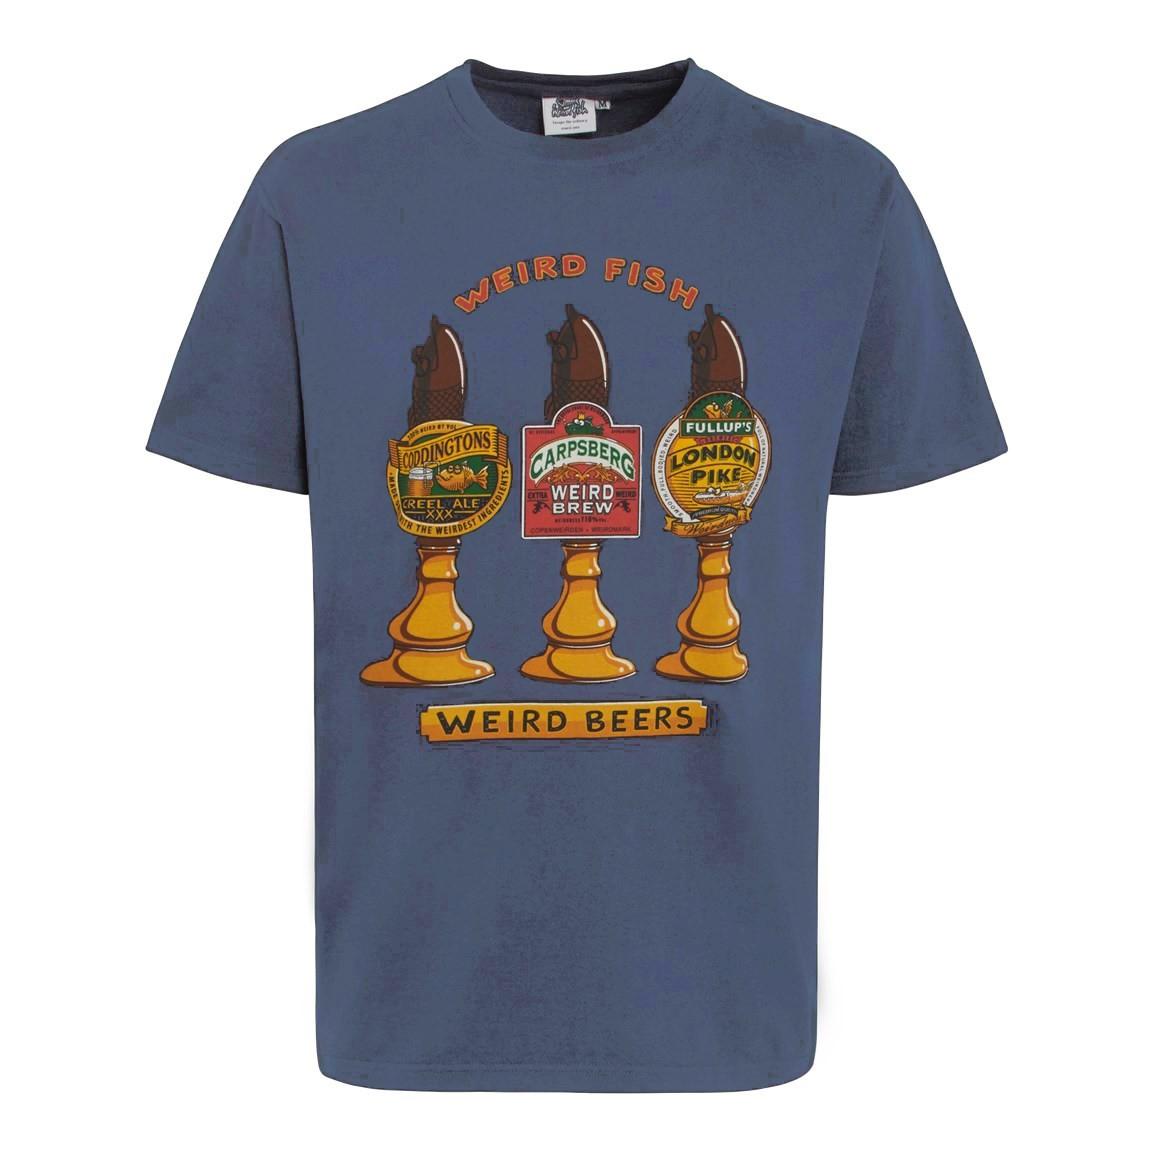 Weird Fish Weird Beers Artist T-Shirt Blue Mirage Size 2XL